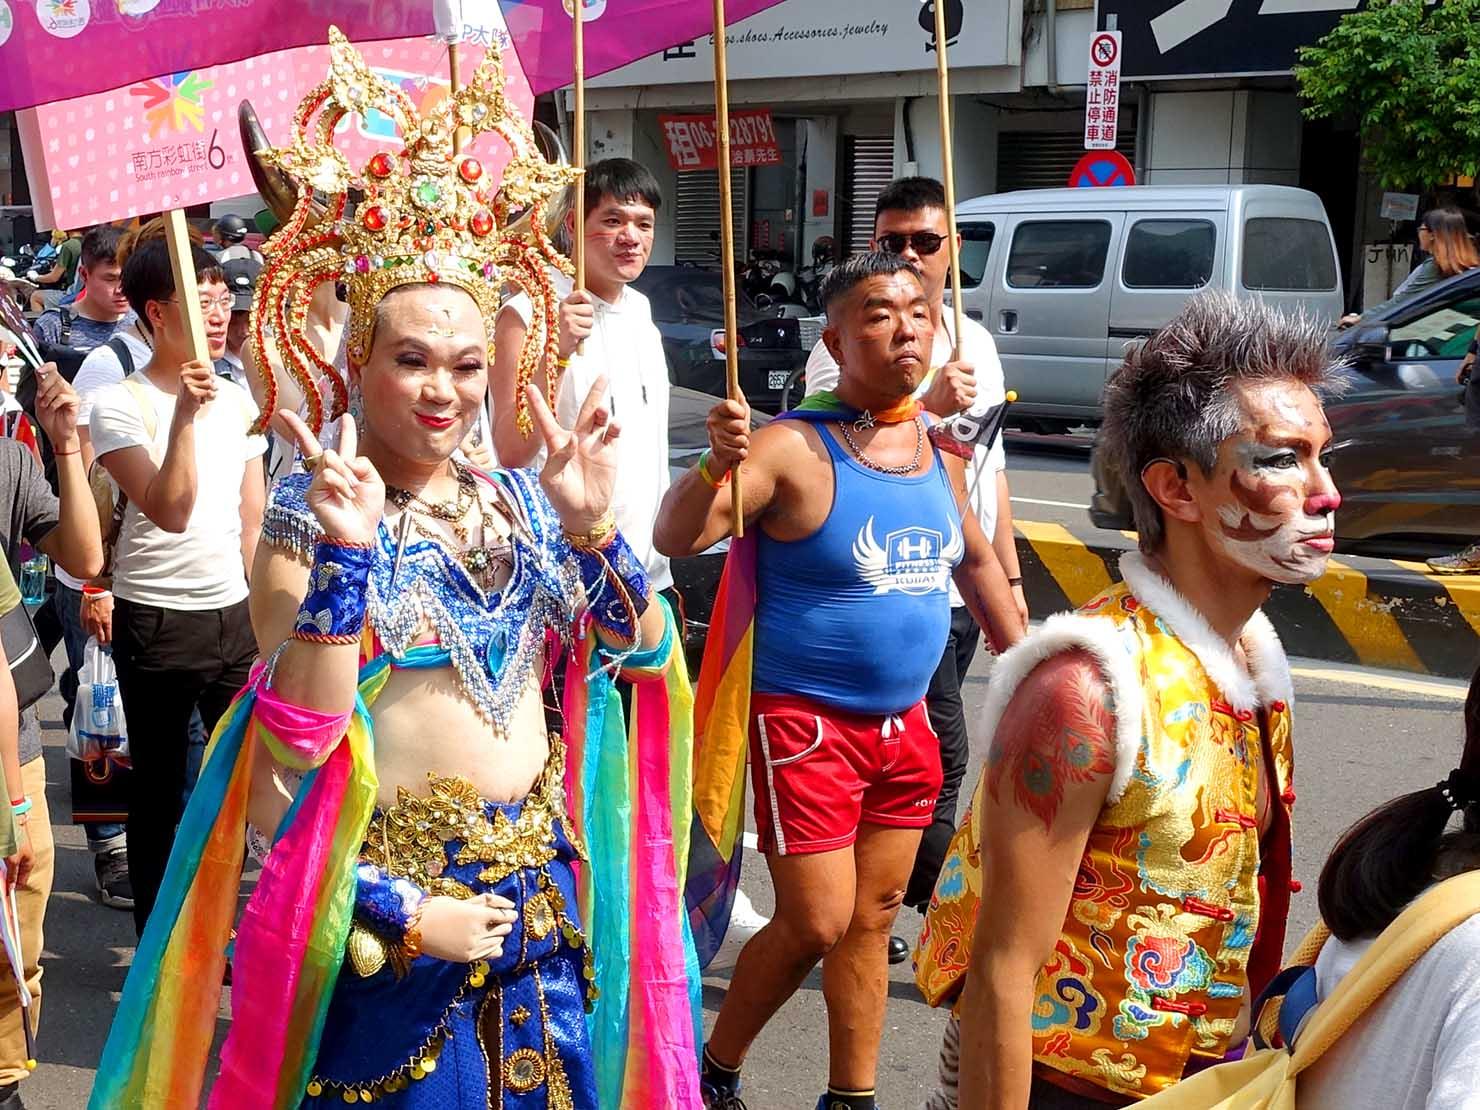 台南彩虹遊行(台南レインボーパレード)2019のパレードをコスプレで歩く参加者